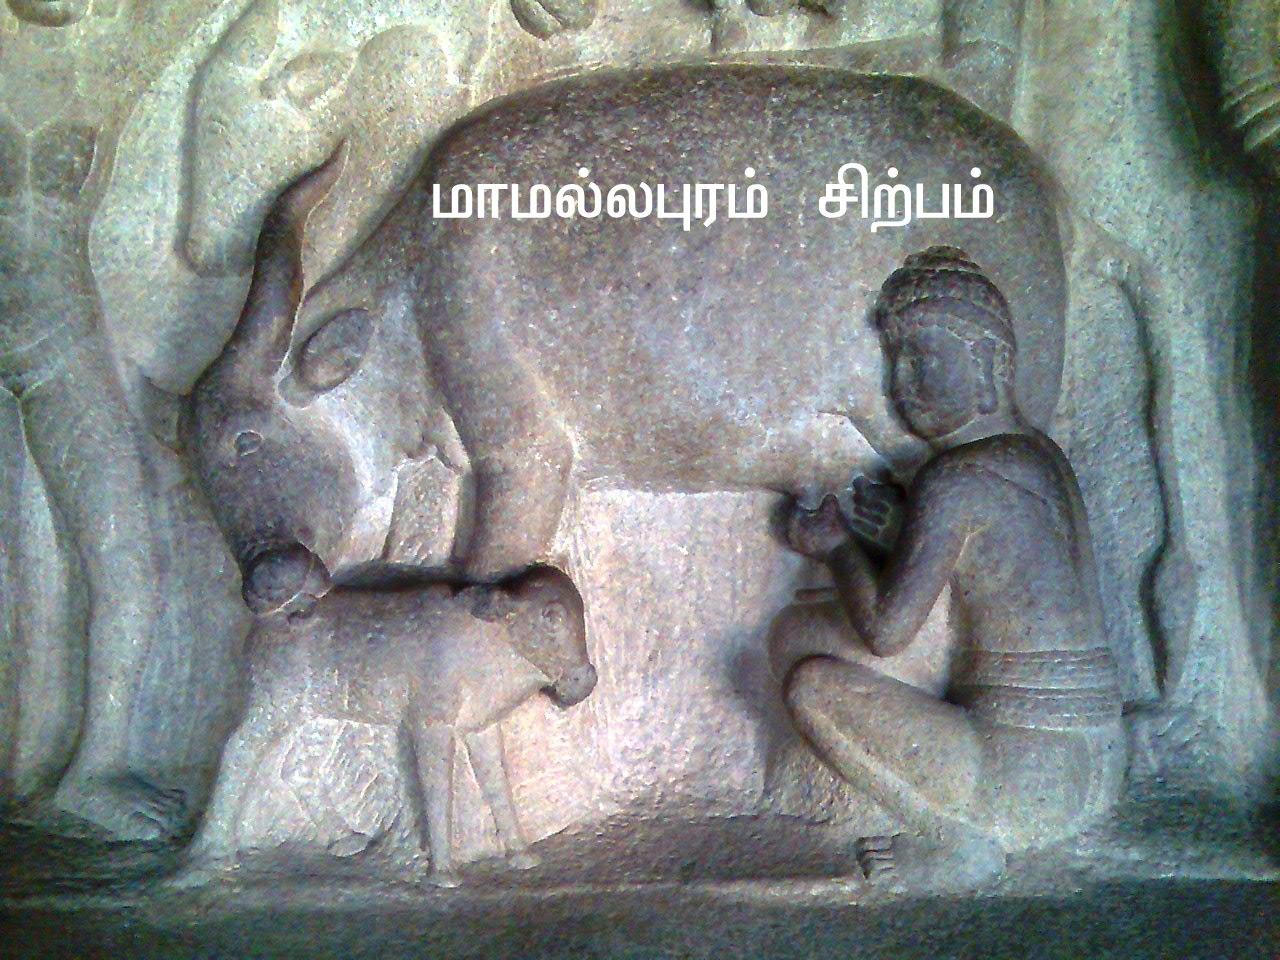 மாமல்லபுரம் புடைப்புச் சிற்பங்கள்-படங்கள் Mamallapuram+Image